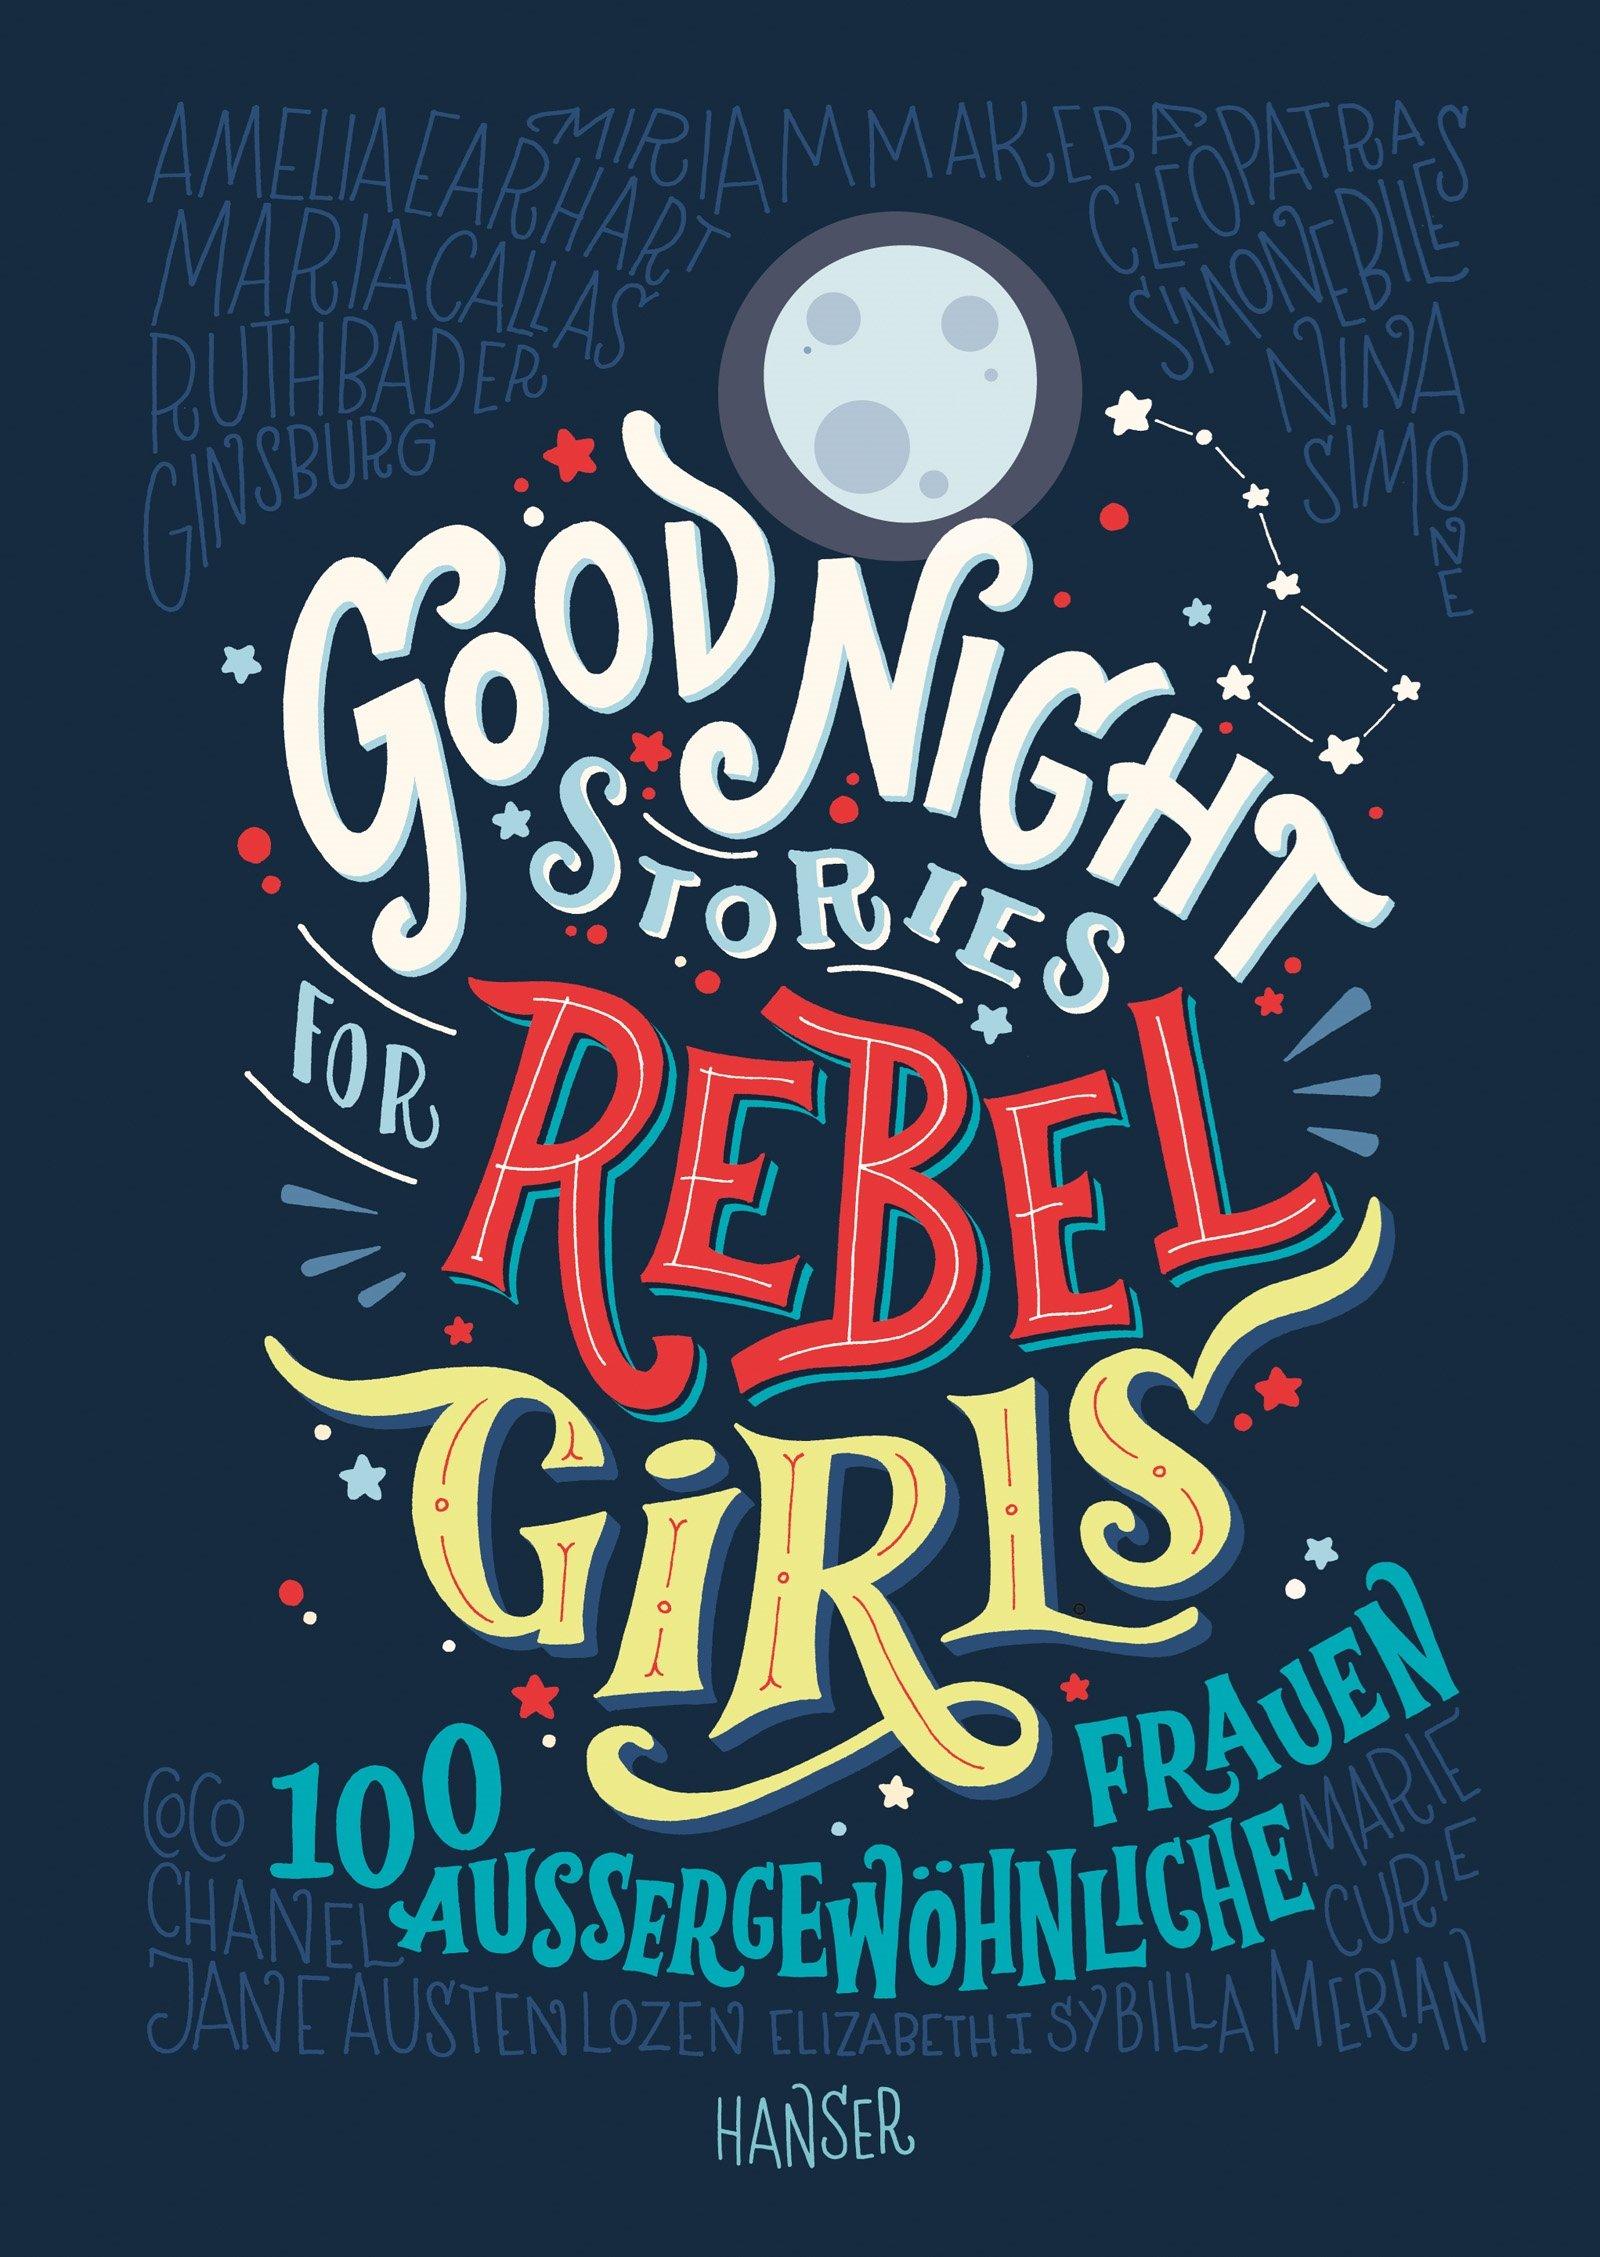 Good Night Stories for Rebel Girls: 100 außergewöhnliche Frauen Gebundenes Buch – 25. September 2017 Elena Favilli Francesca Cavallo Birgitt Kollmann 3446256903